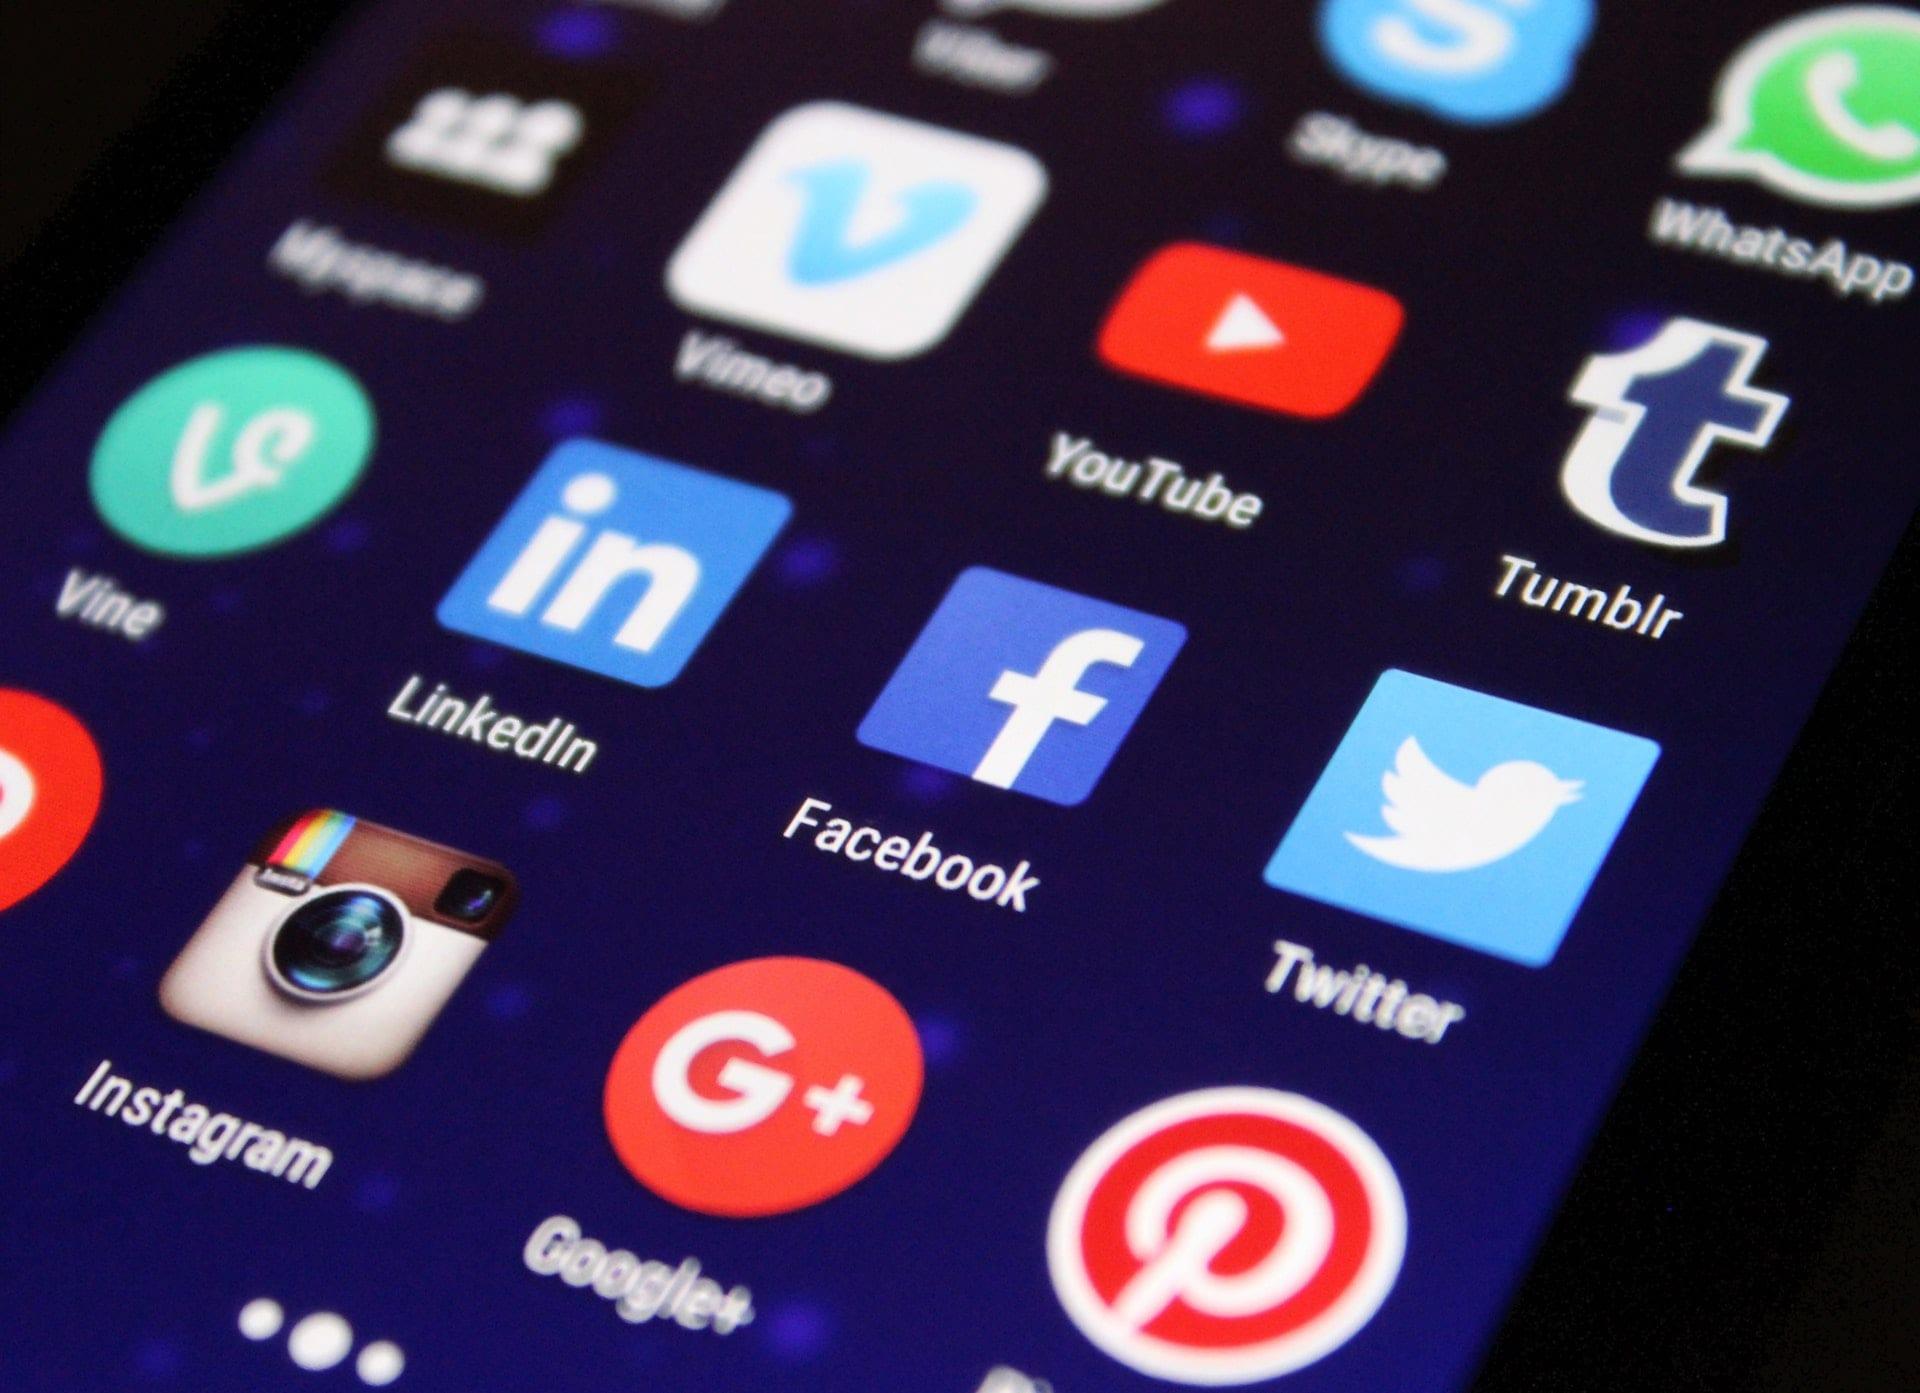 Digital Marketing Opportunities Tech Trends Blog Post